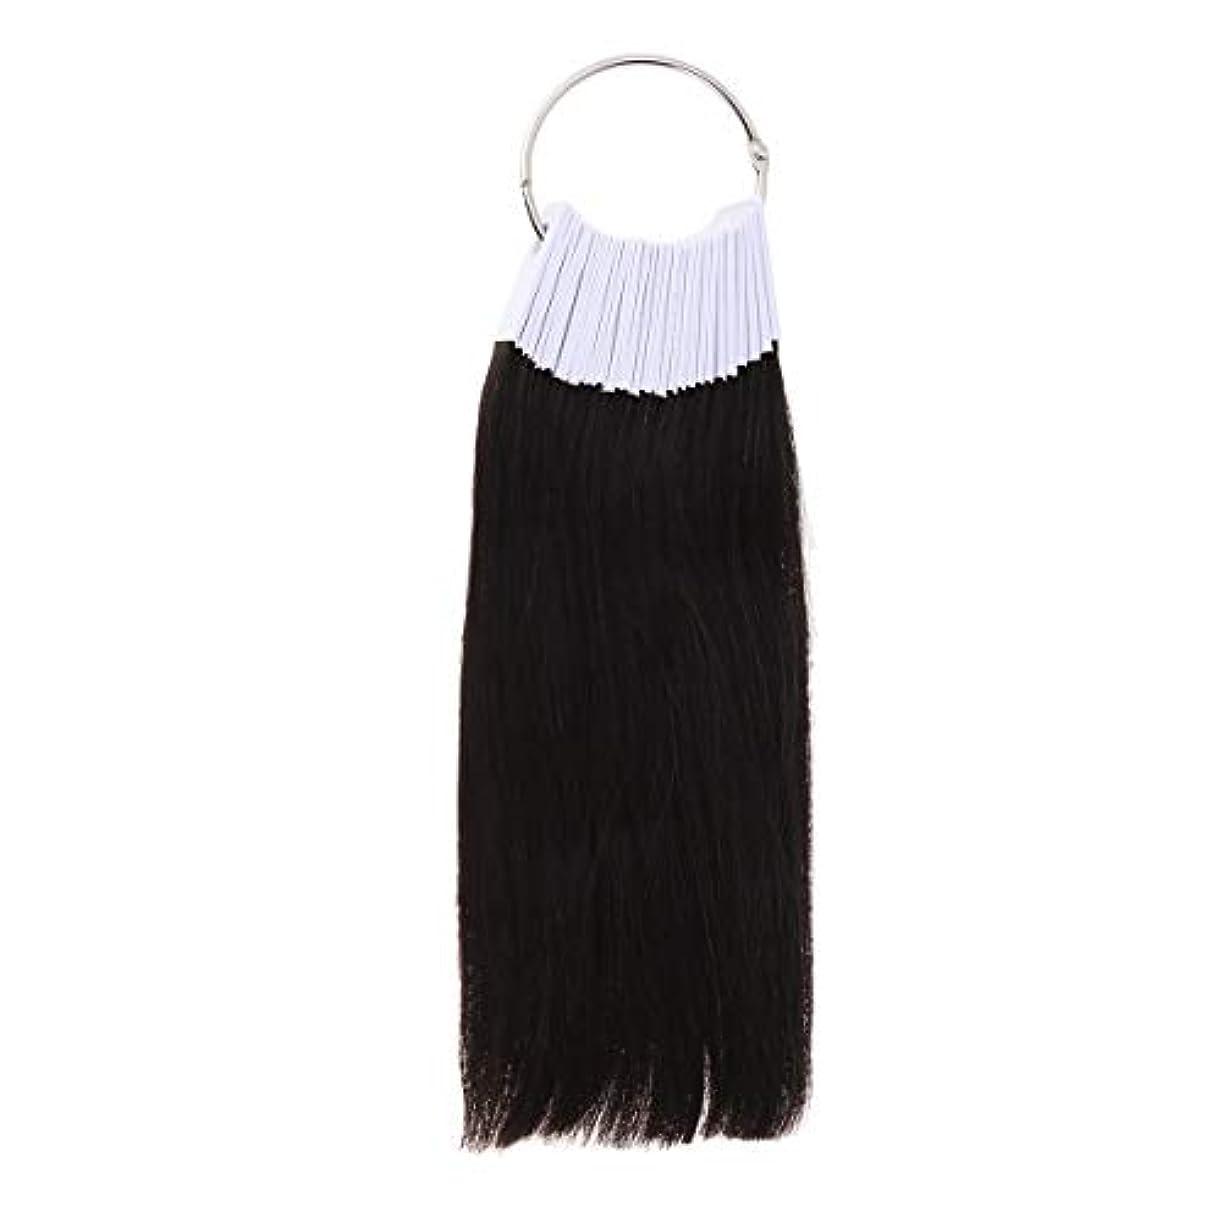 取得する万一に備えてピービッシュLURROSE 30PCSヘアカラーリング人間の髪の色見本サロン用カラーサンプル(9度色)